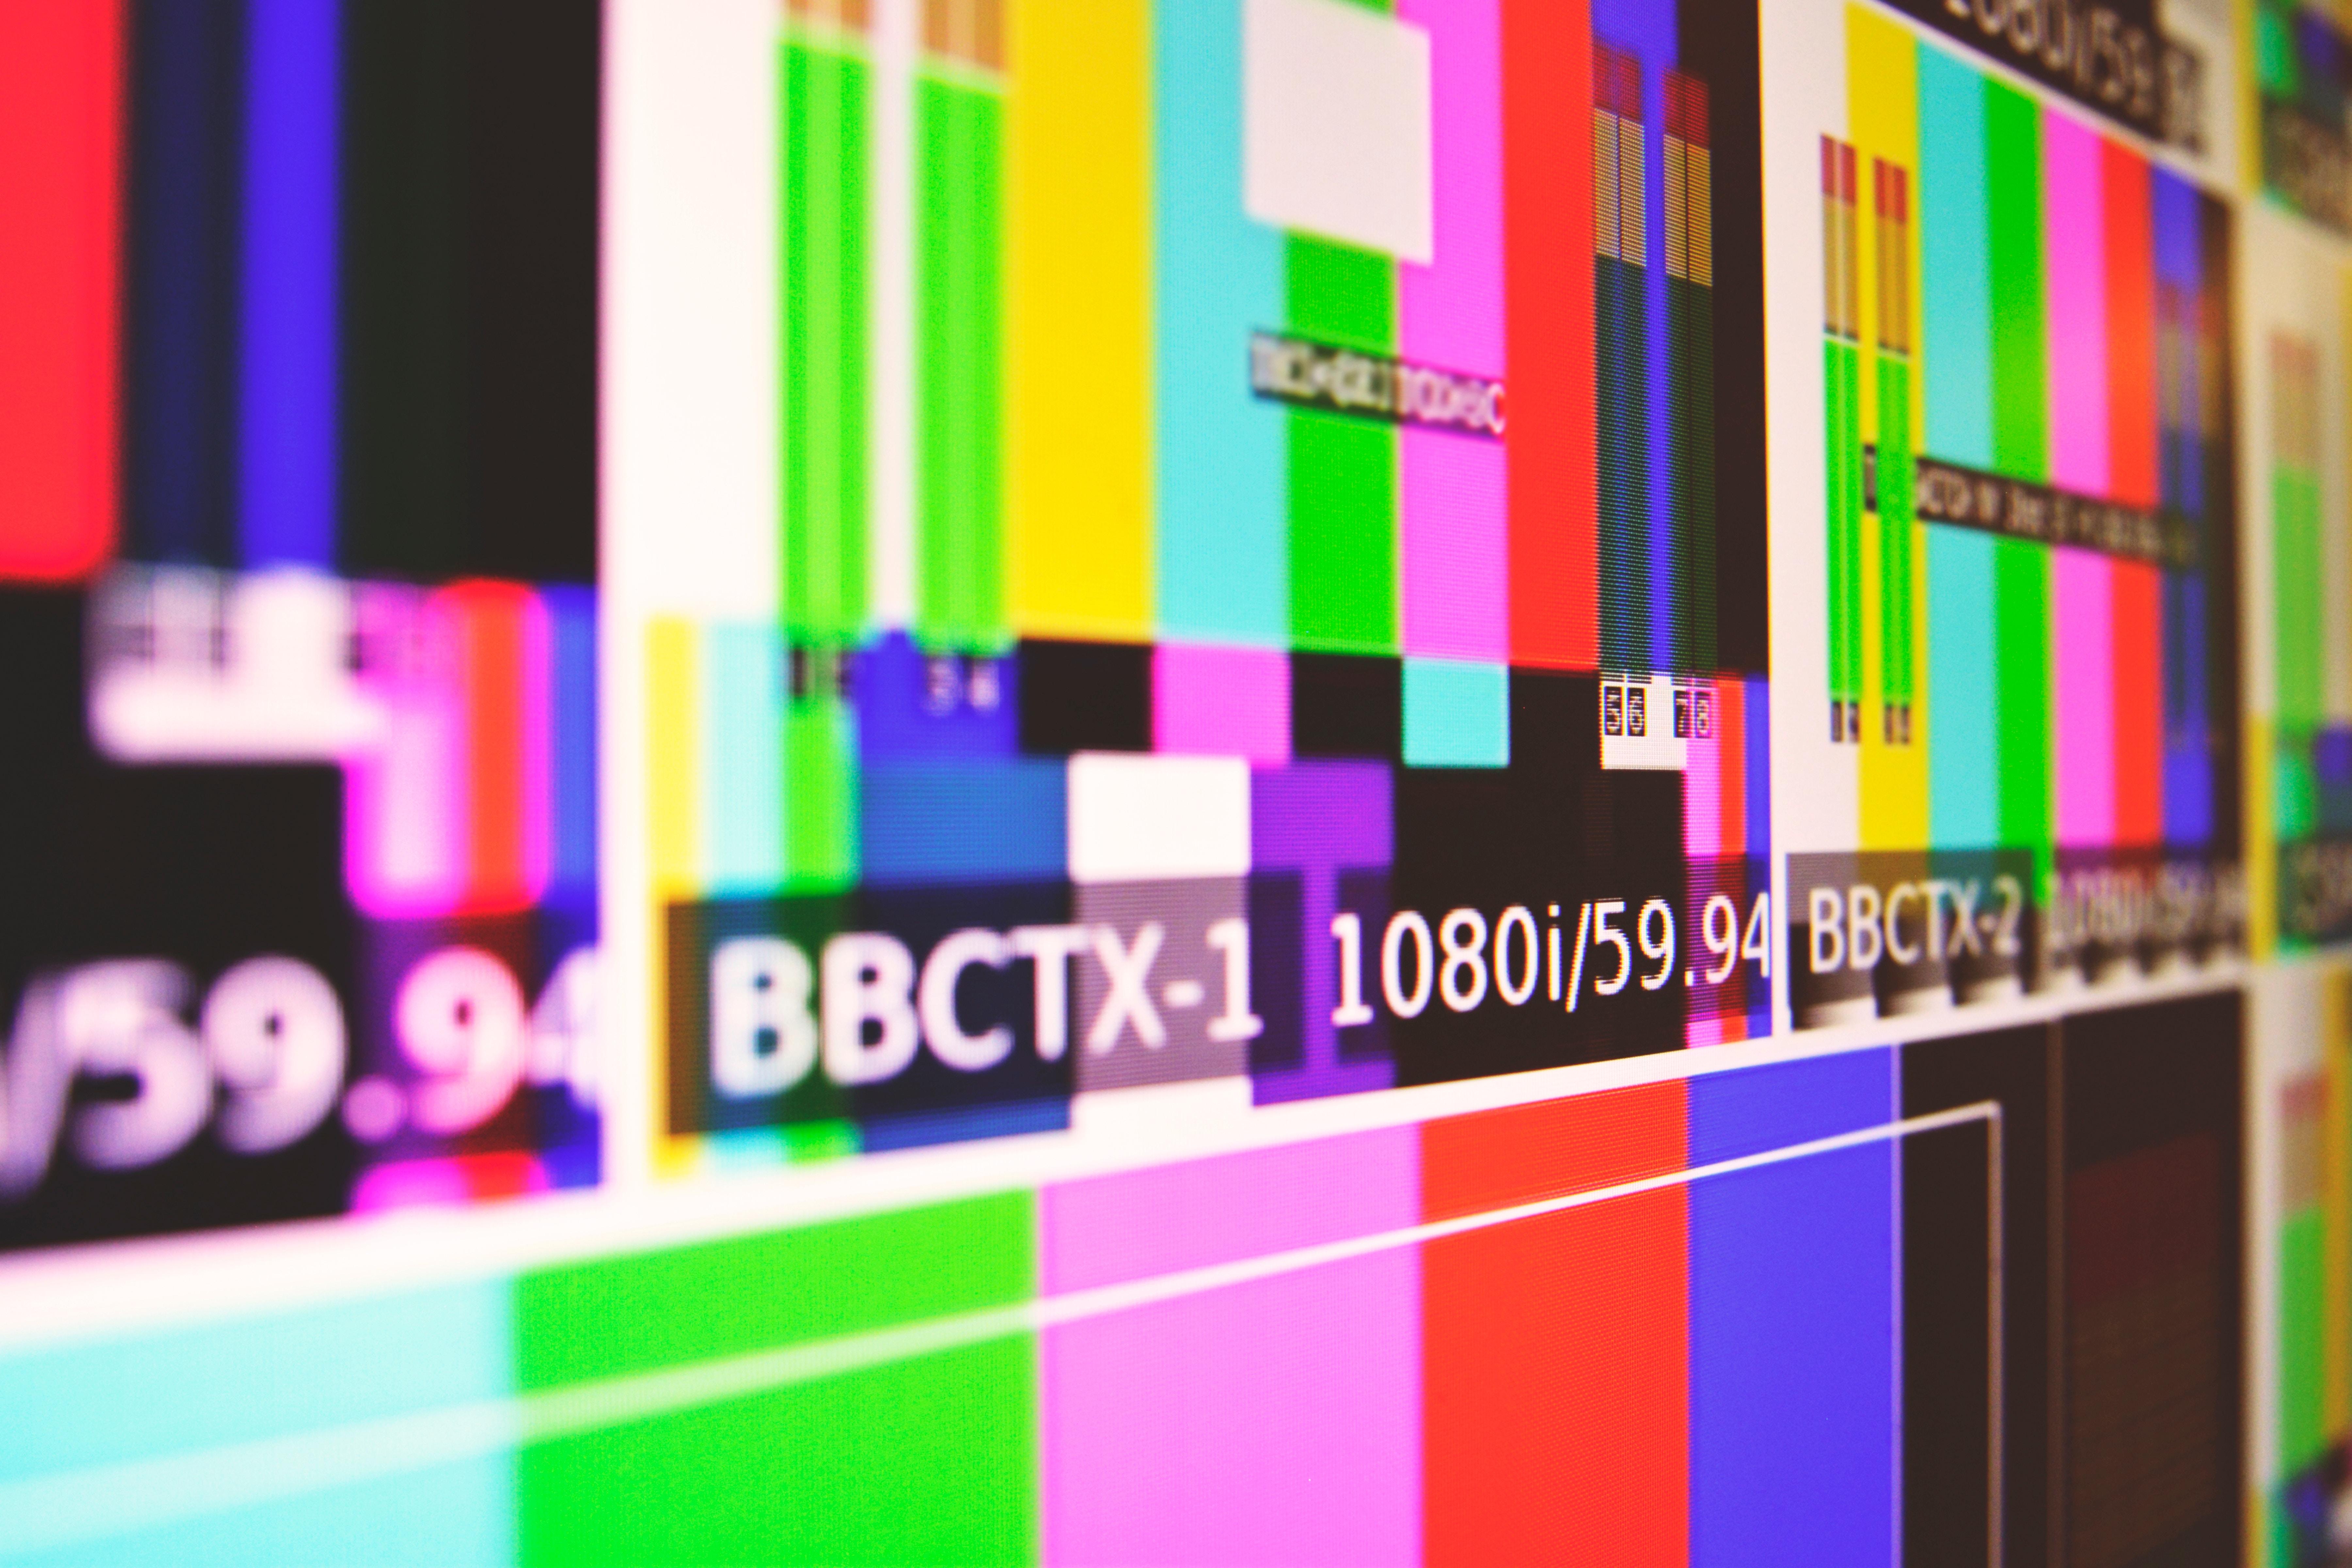 television marketing de videos video redes sociales publicidad pantalla via publica.jpg